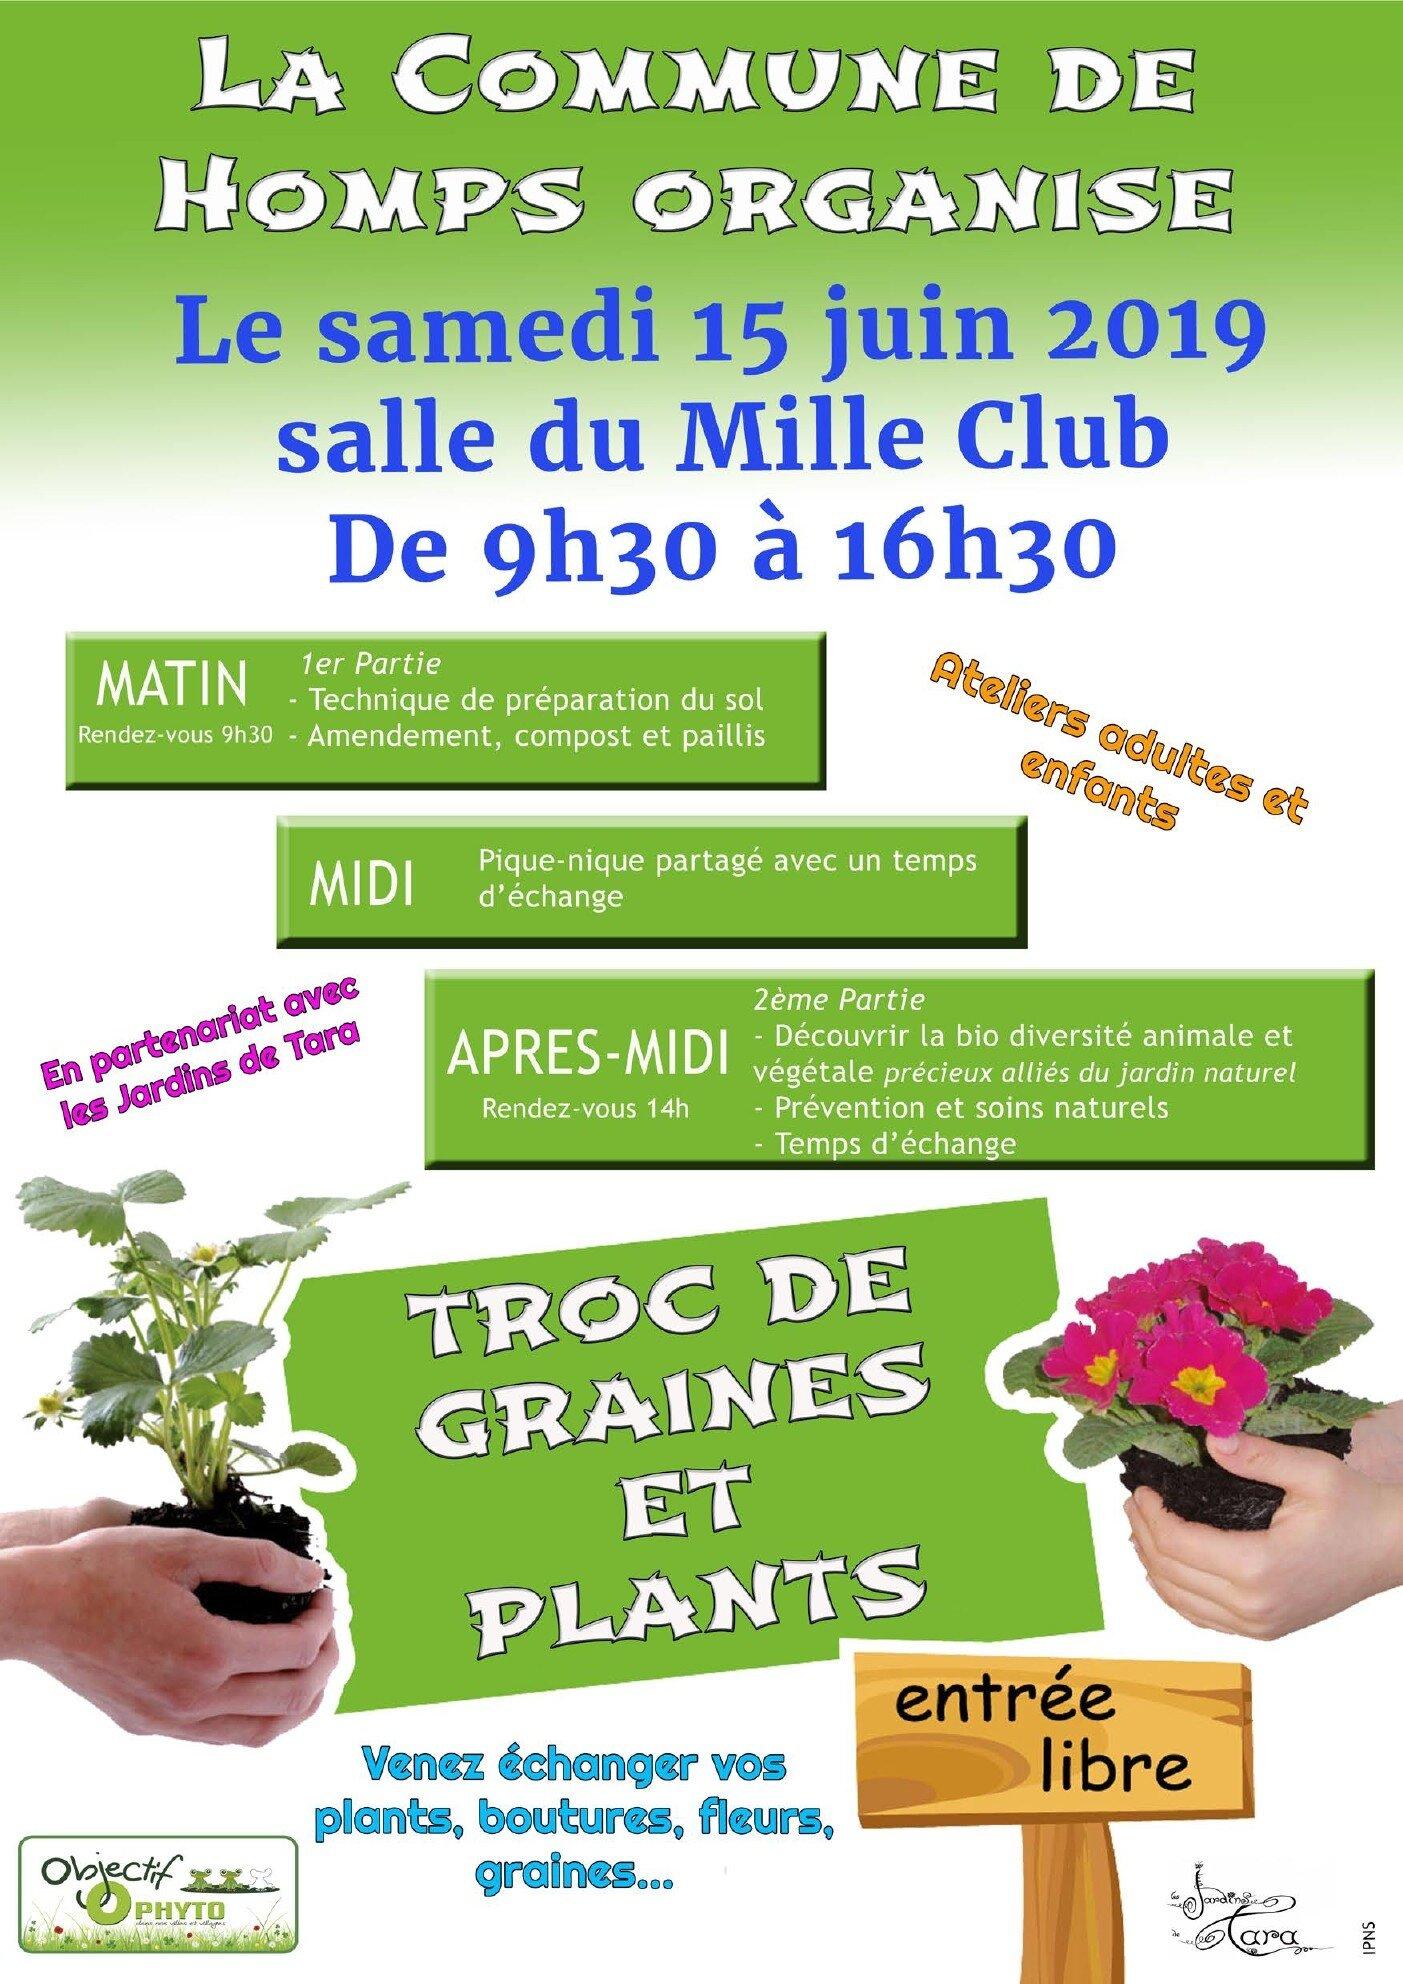 Retrouvez moi le 15 juin pour une journée de formation au jardinage naturel a Homps (Aude)